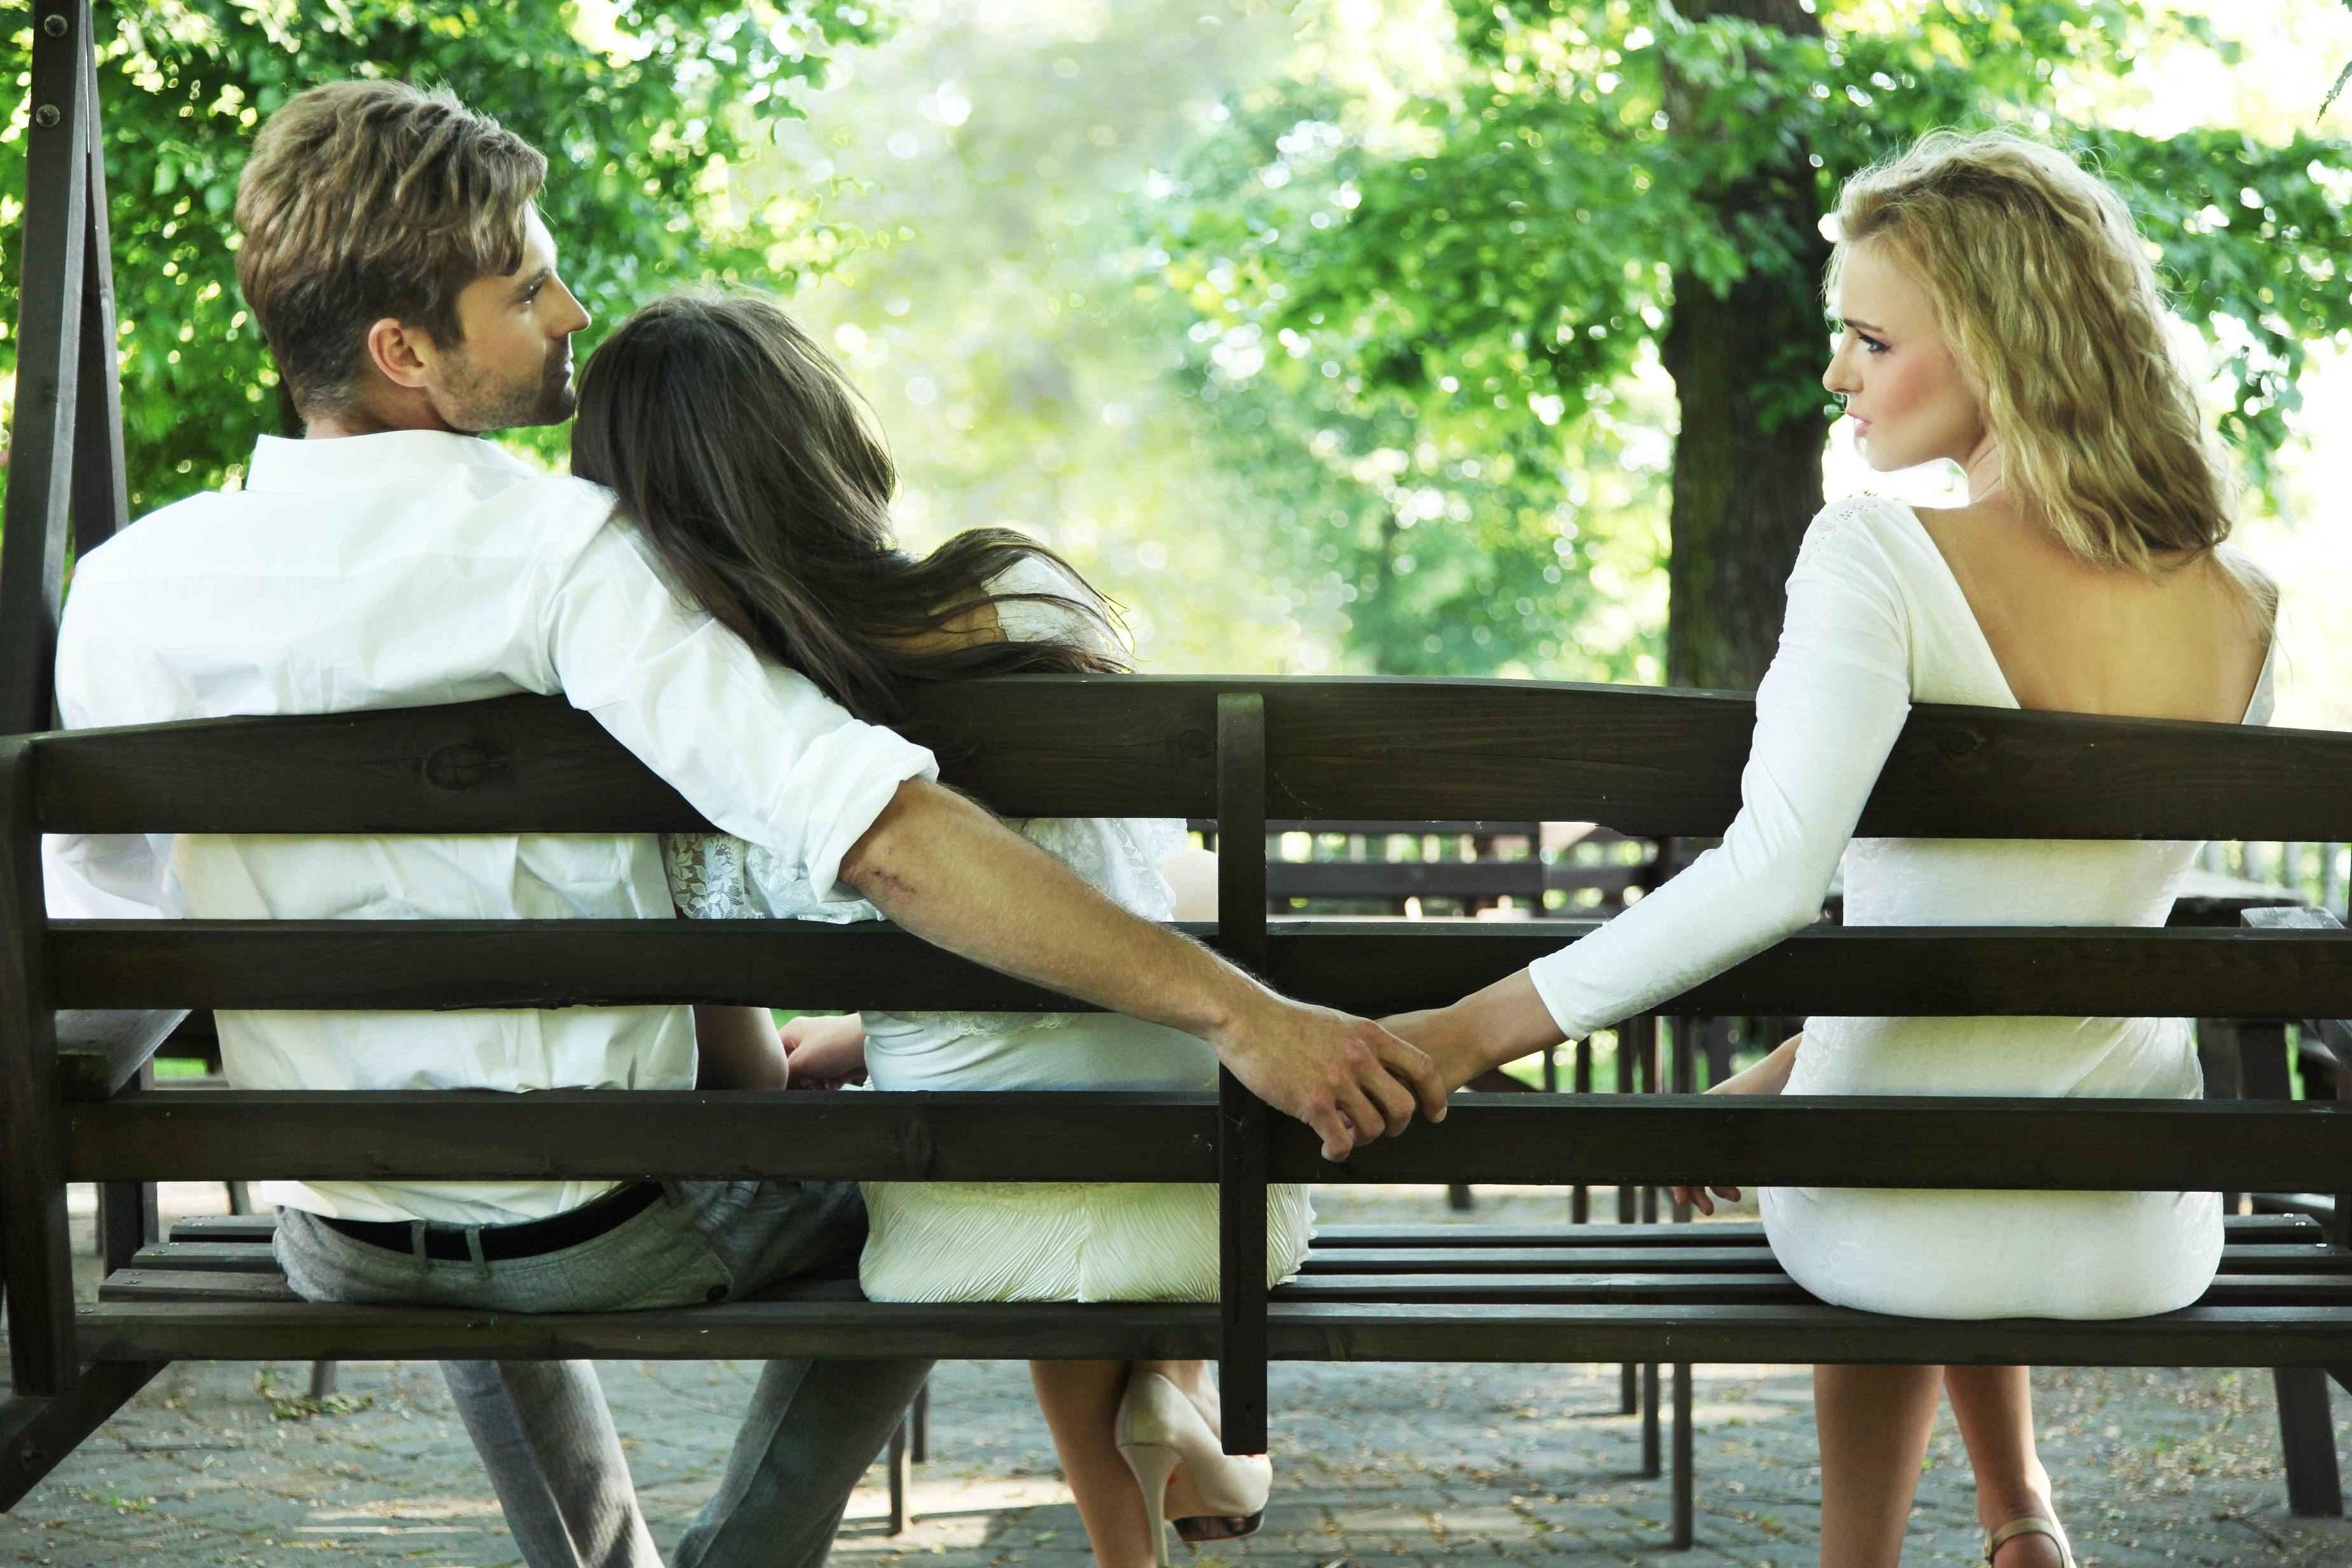 Joven huye con su amante la noche de bodas y condenan a ambos por adulterio